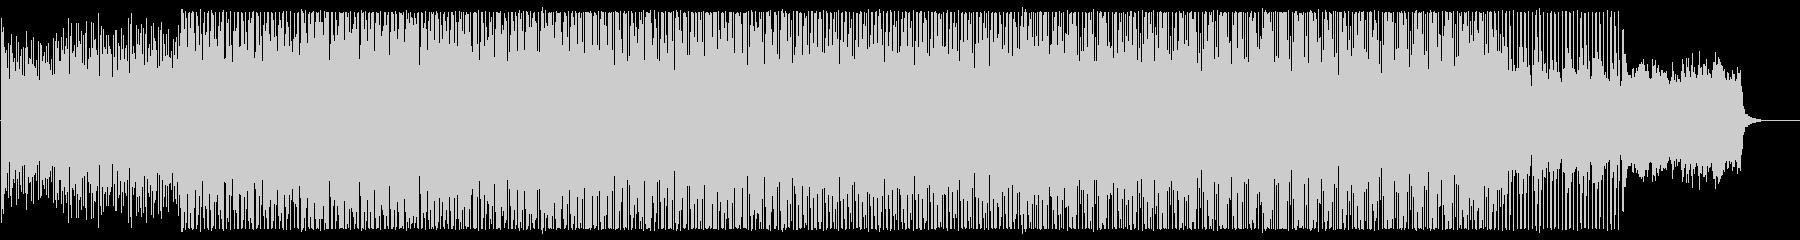 穏やかなミディアムテンポのテクノポップの未再生の波形